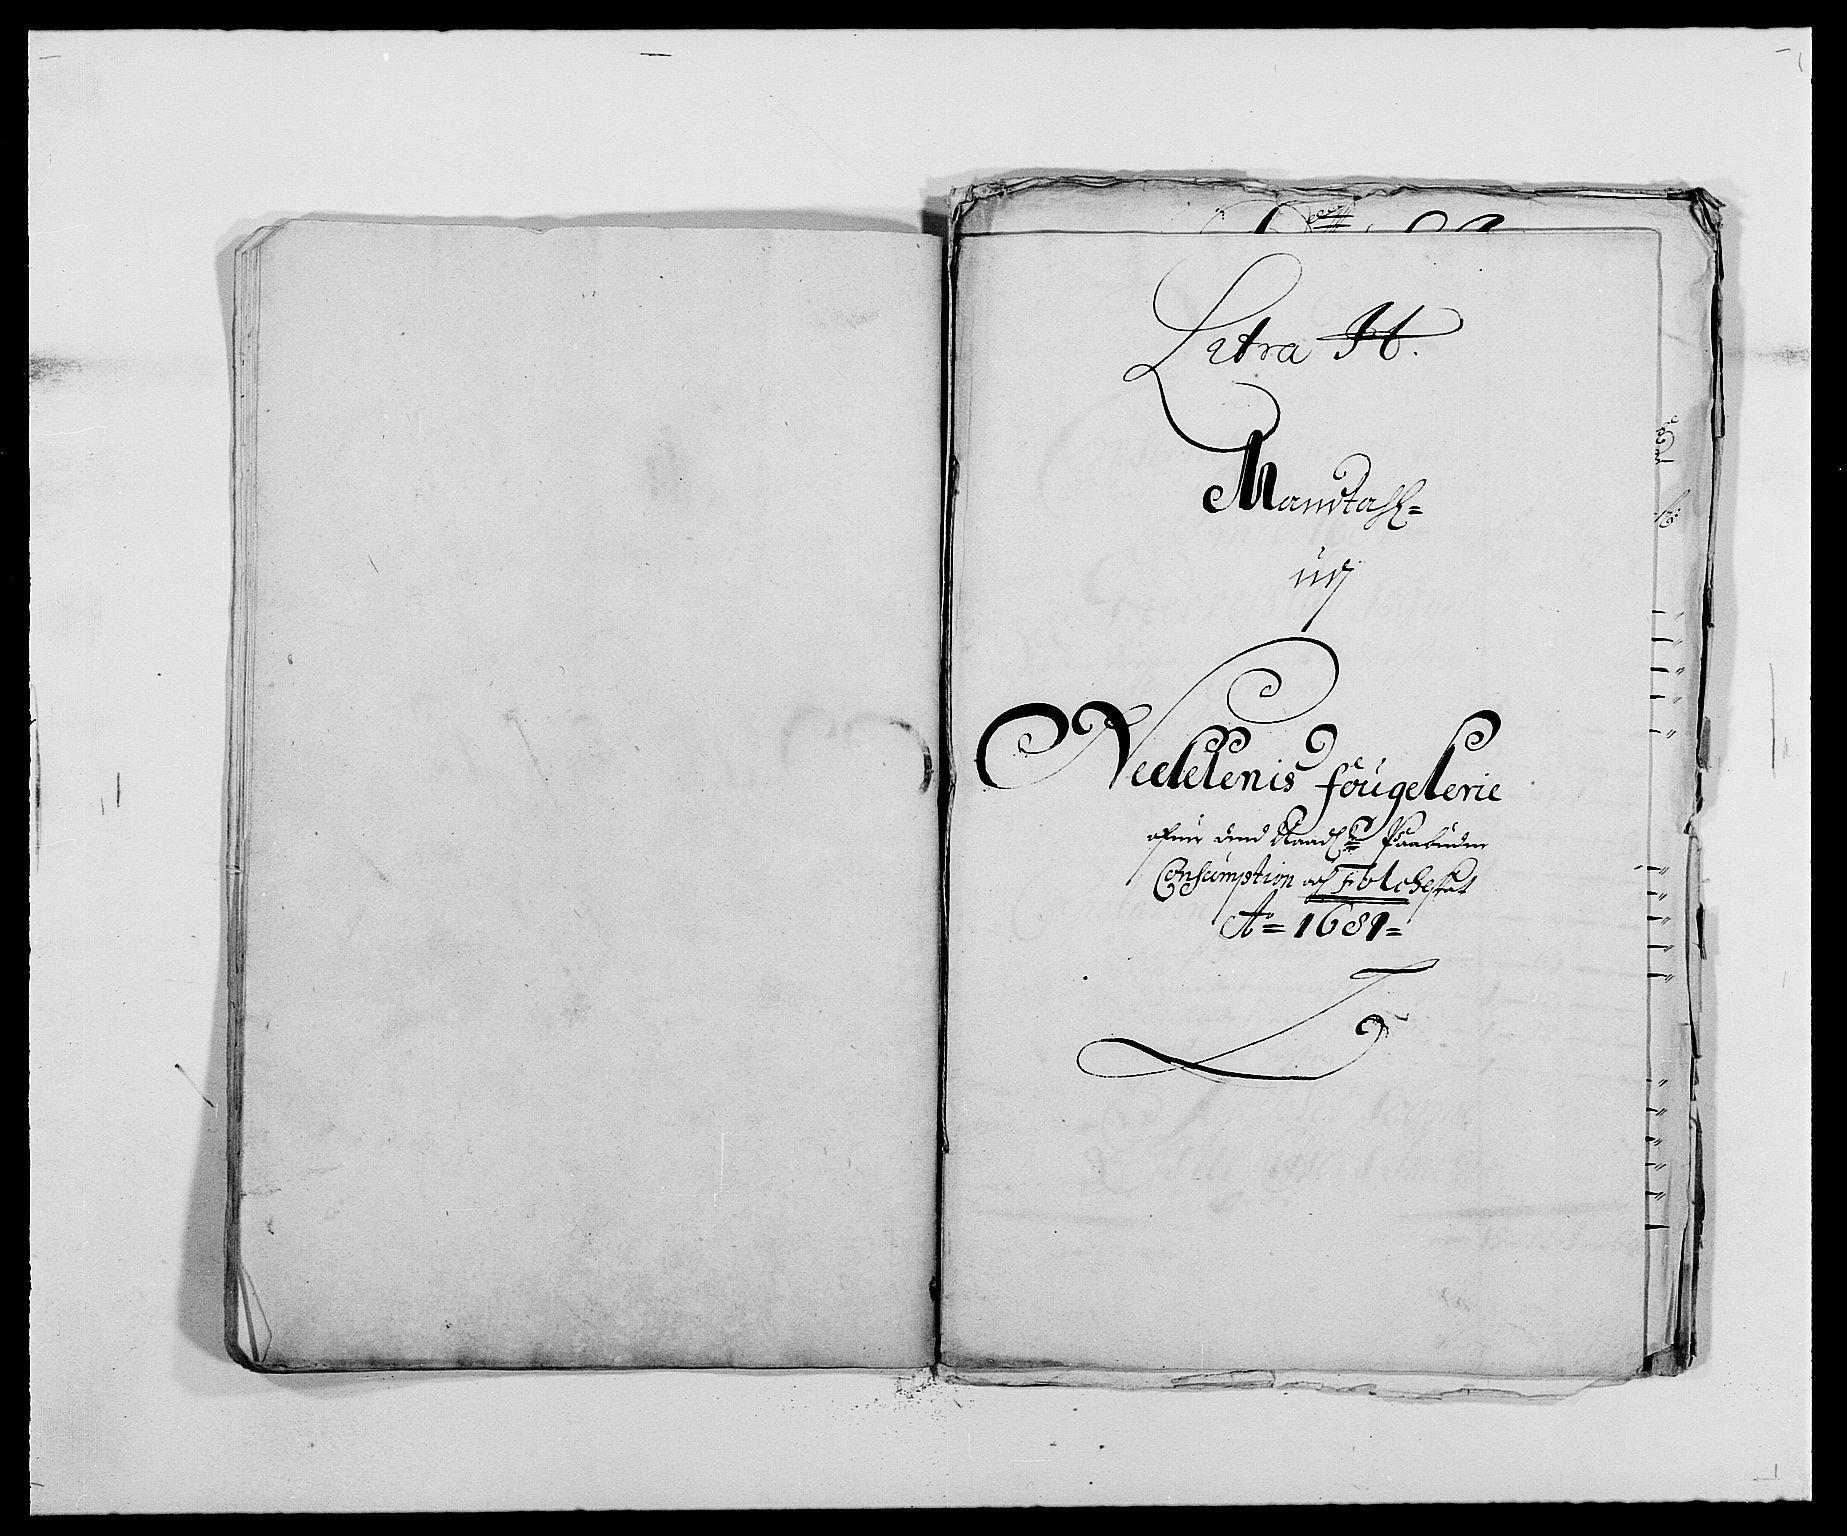 RA, Rentekammeret inntil 1814, Reviderte regnskaper, Fogderegnskap, R39/L2304: Fogderegnskap Nedenes, 1680-1682, s. 285